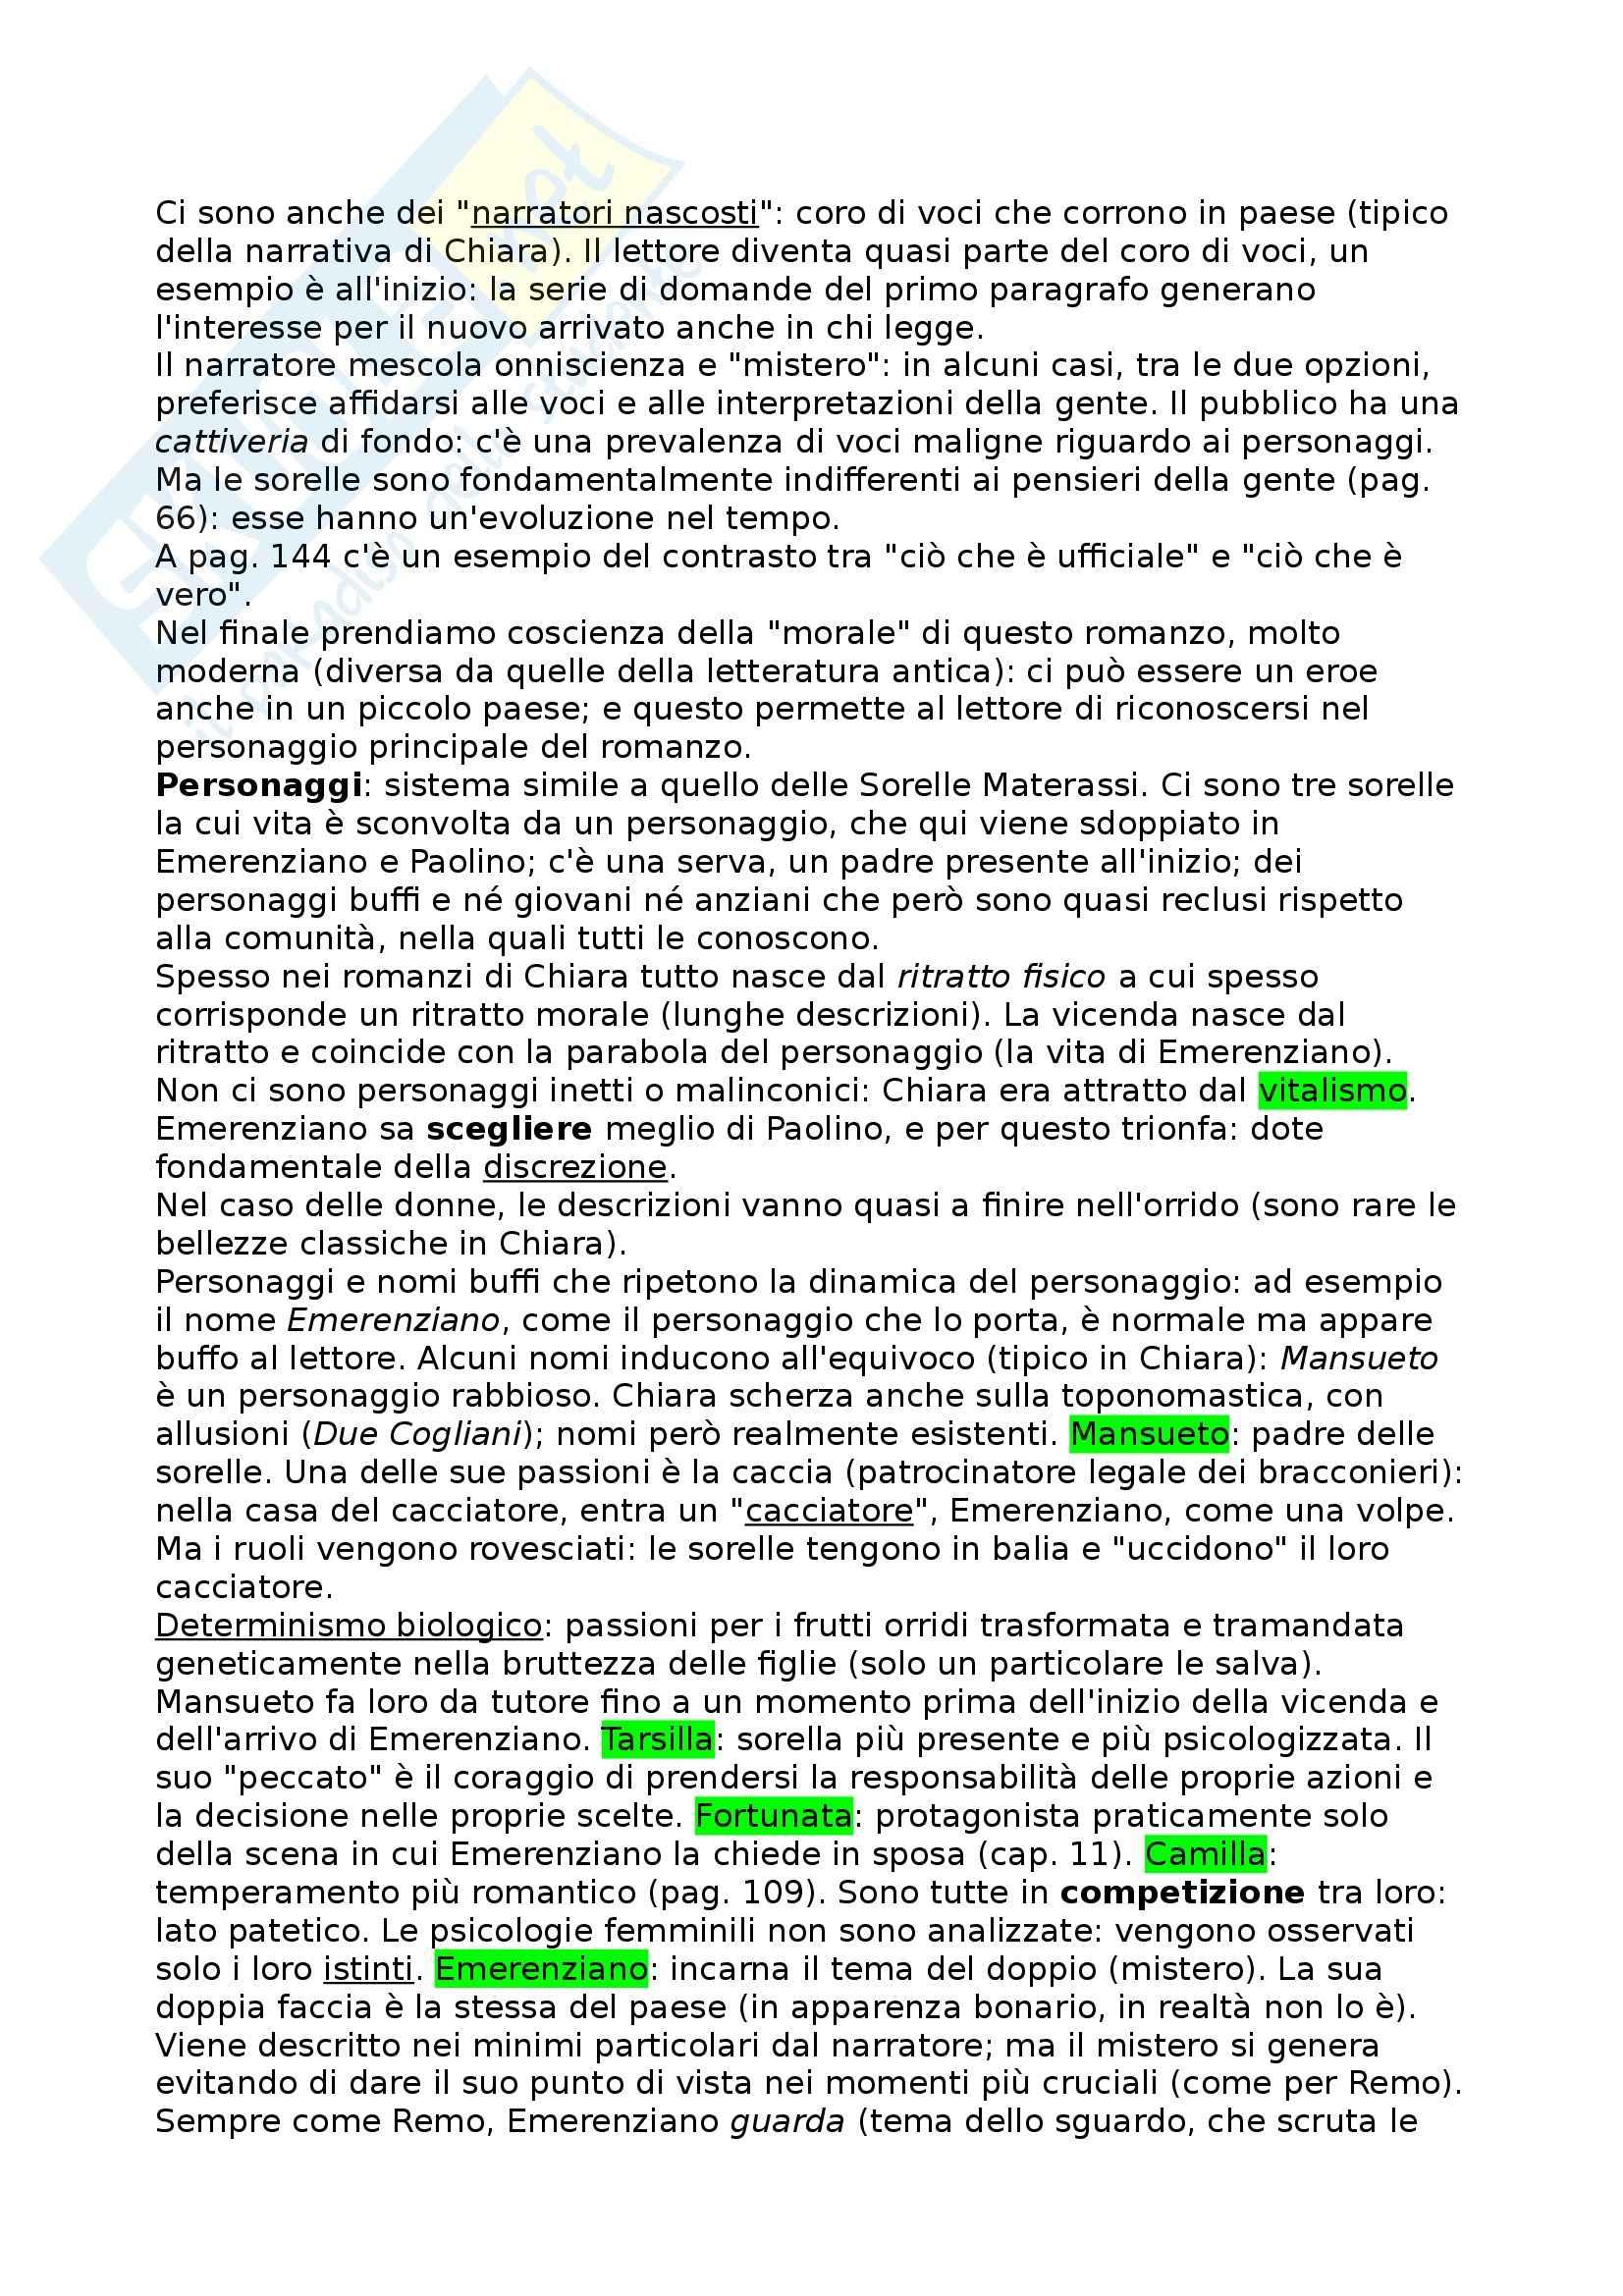 La Spartizione, Chiara - Riassunto commentato, prof. Novelli Pag. 6